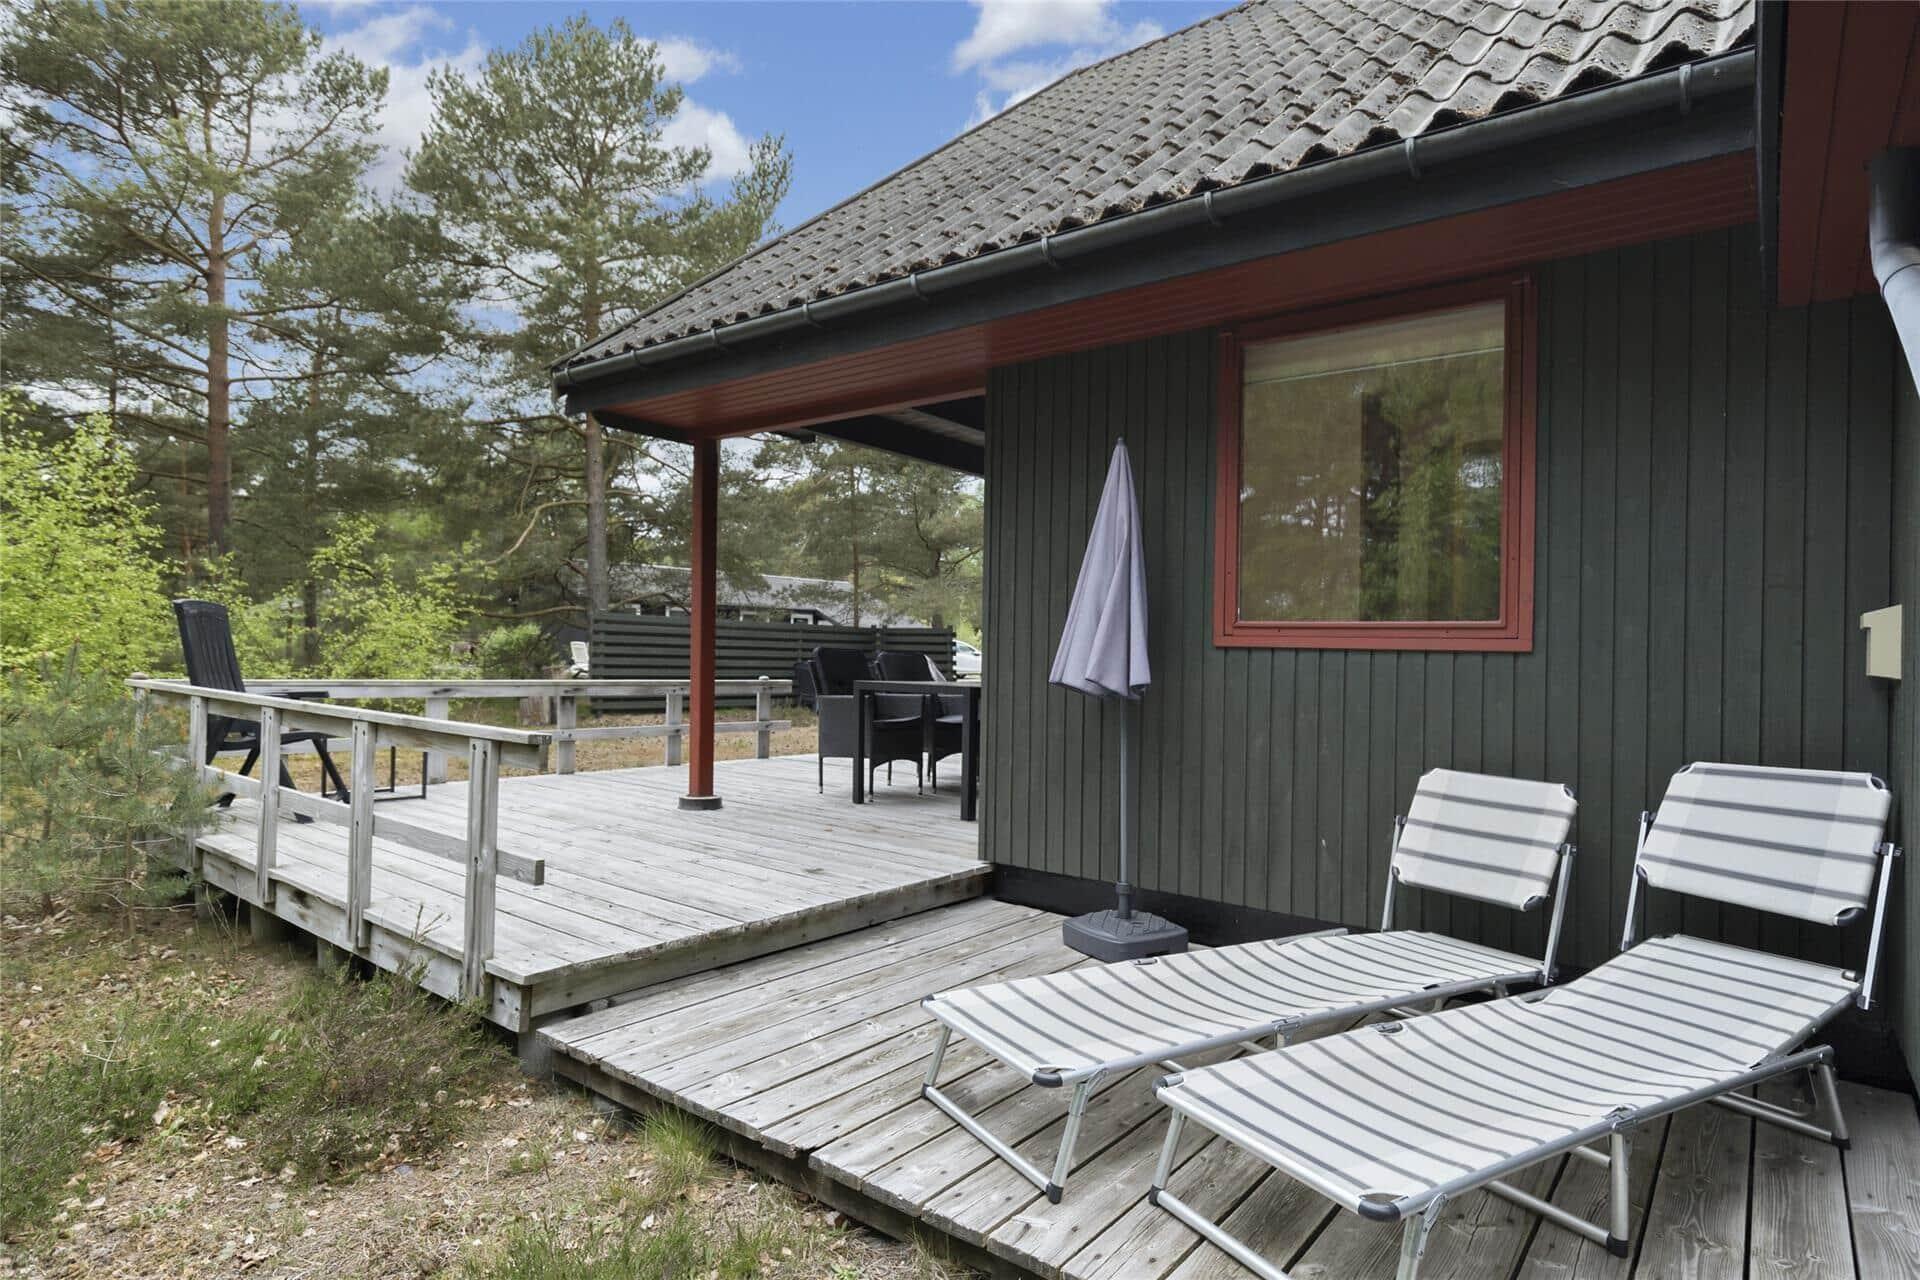 Billede 1-10 Sommerhus 3605, Skelvej 3, DK - 3730 Nexø